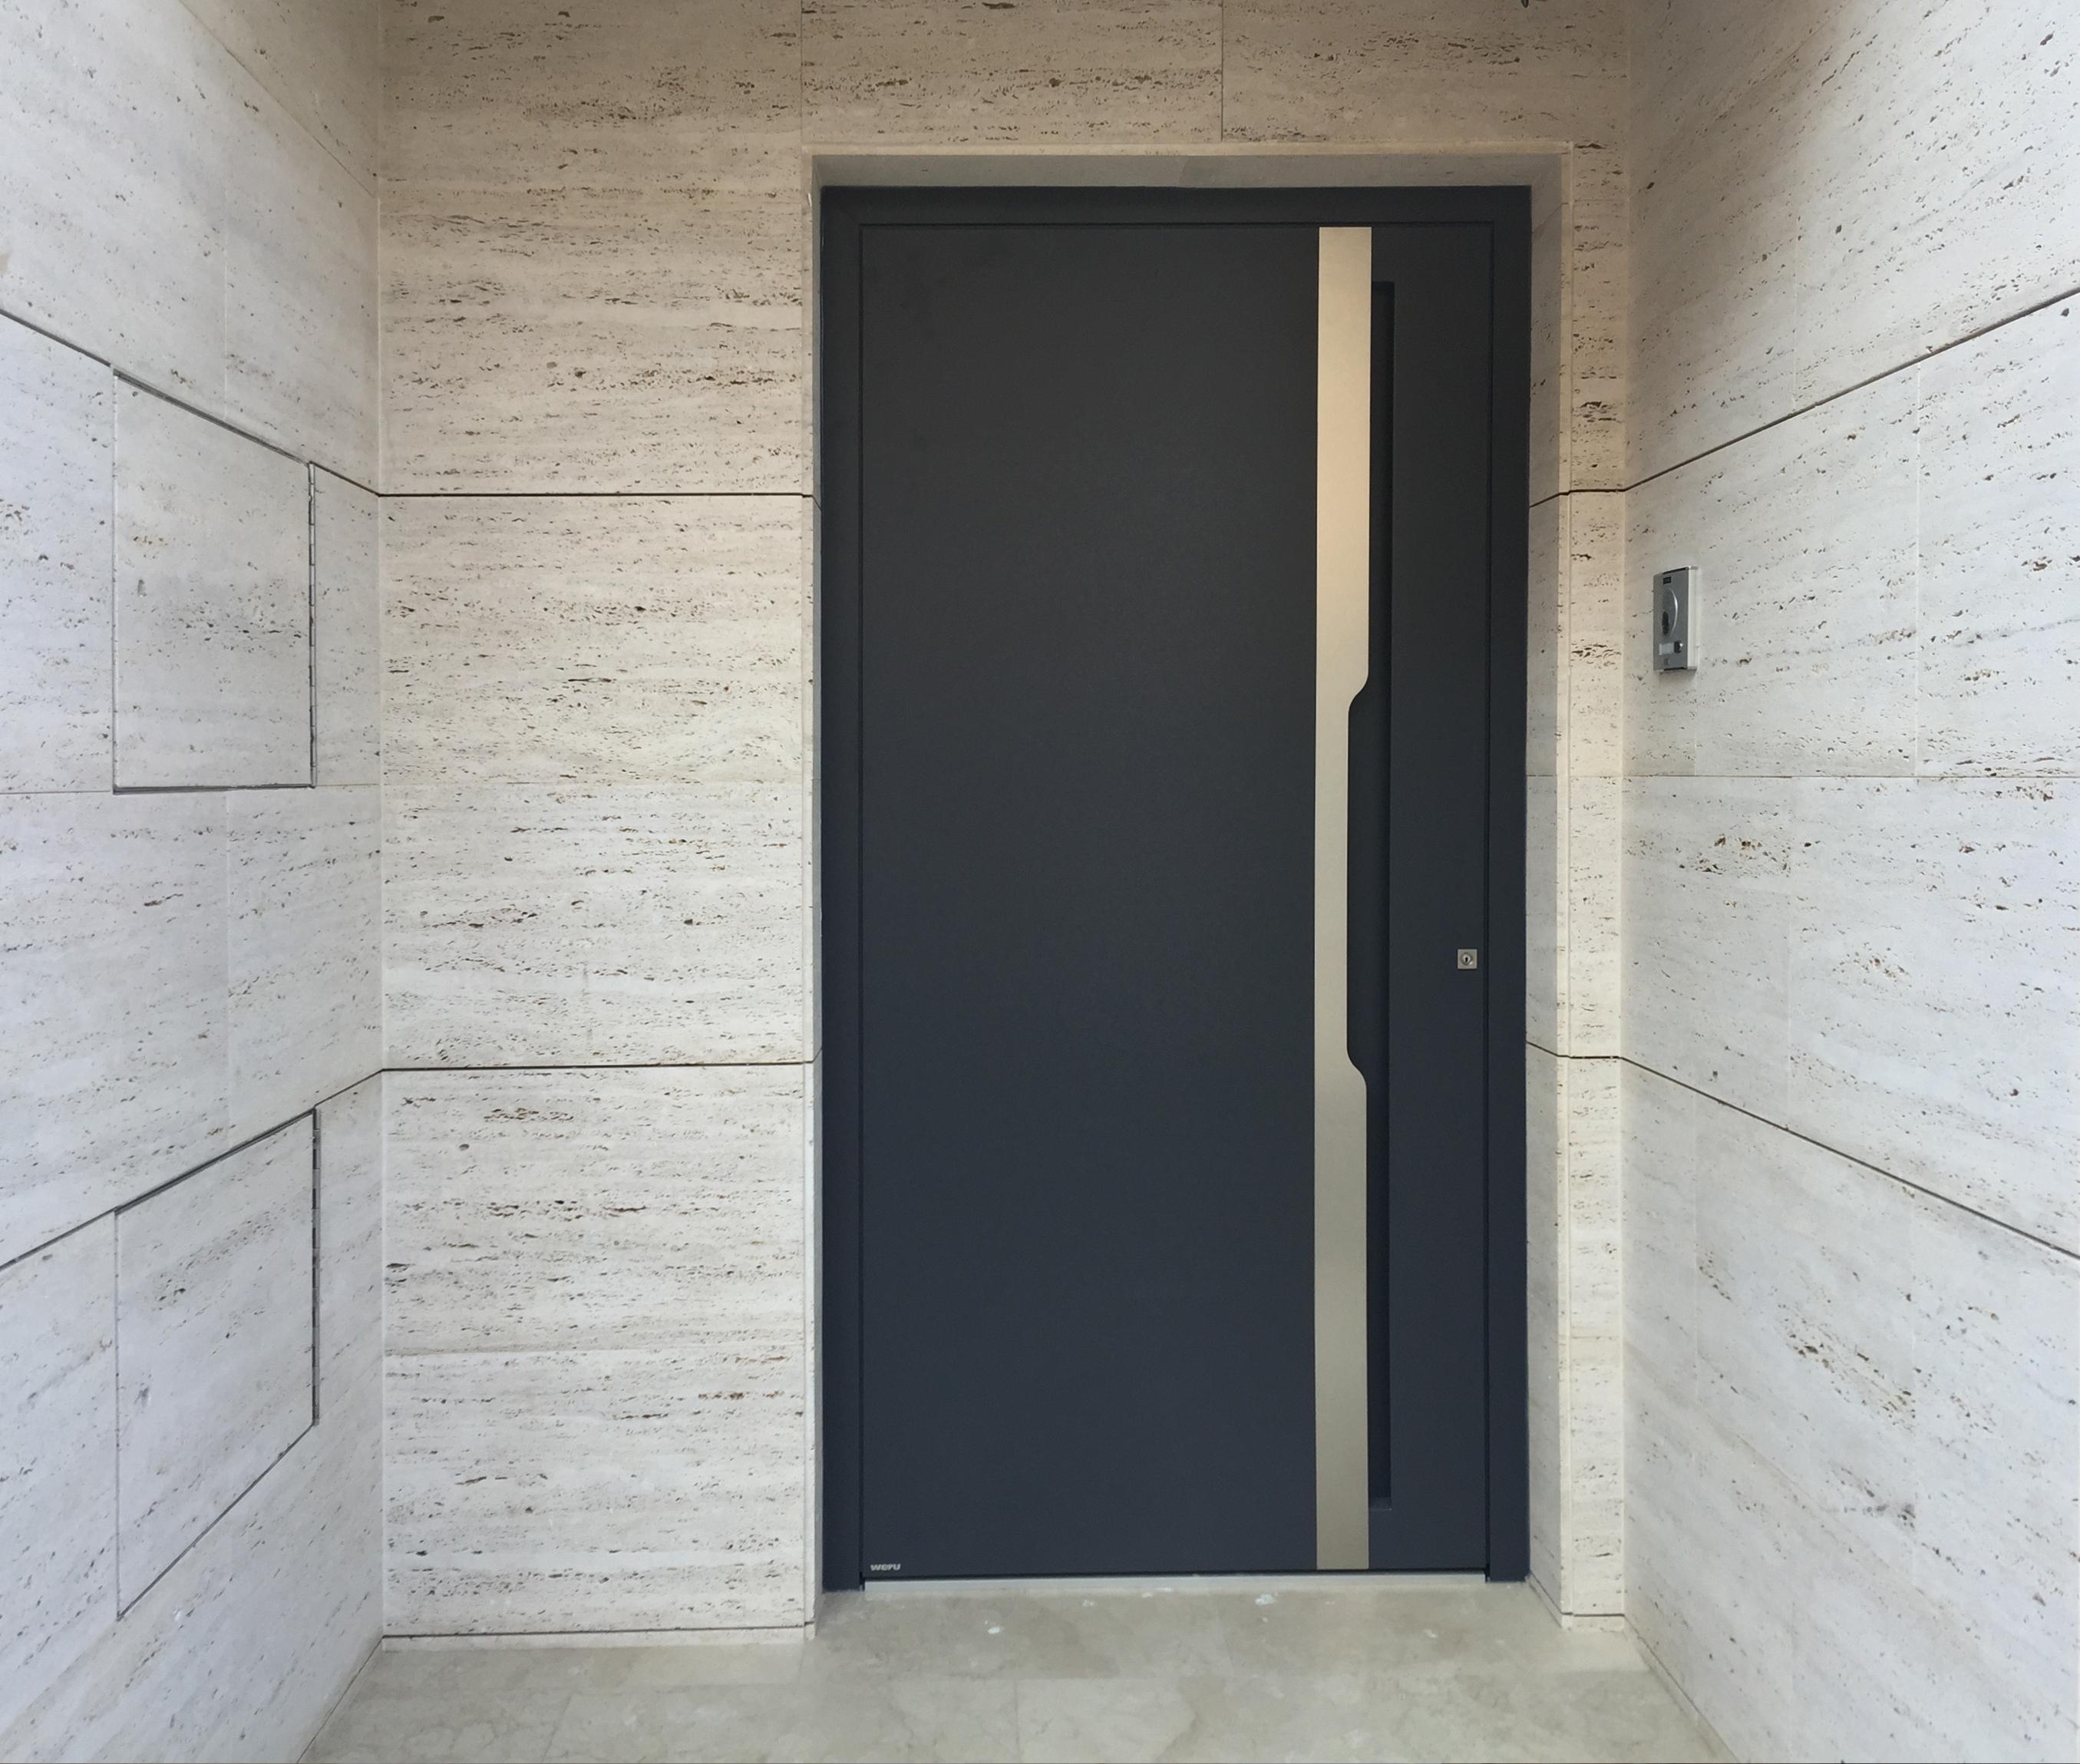 Puertas de entrada weru casas carpinter a y decoraci n - Puertas para exteriores de casas ...